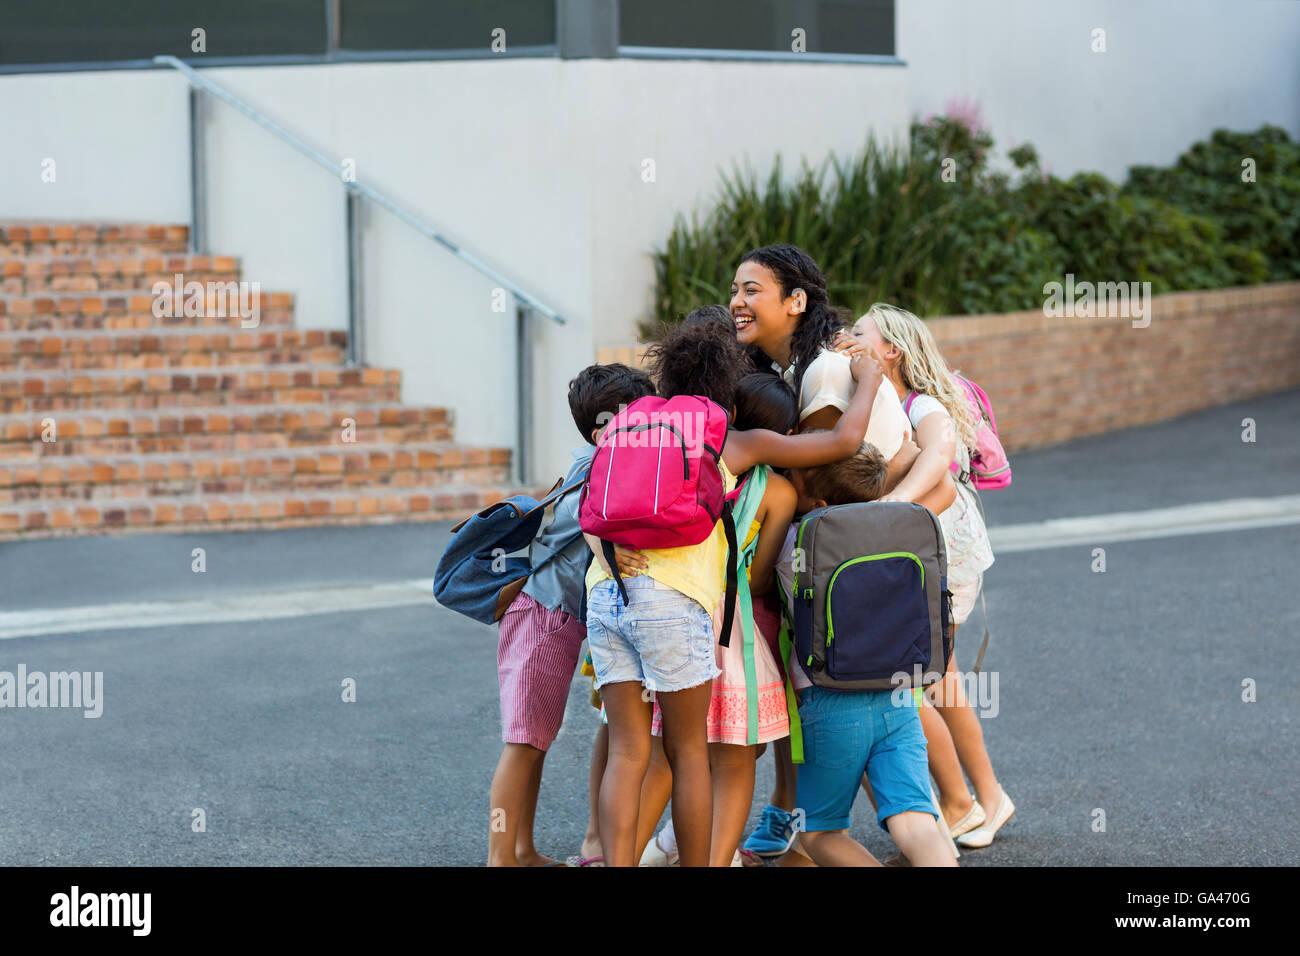 Schoolchildren embracing teacher - Stock Image